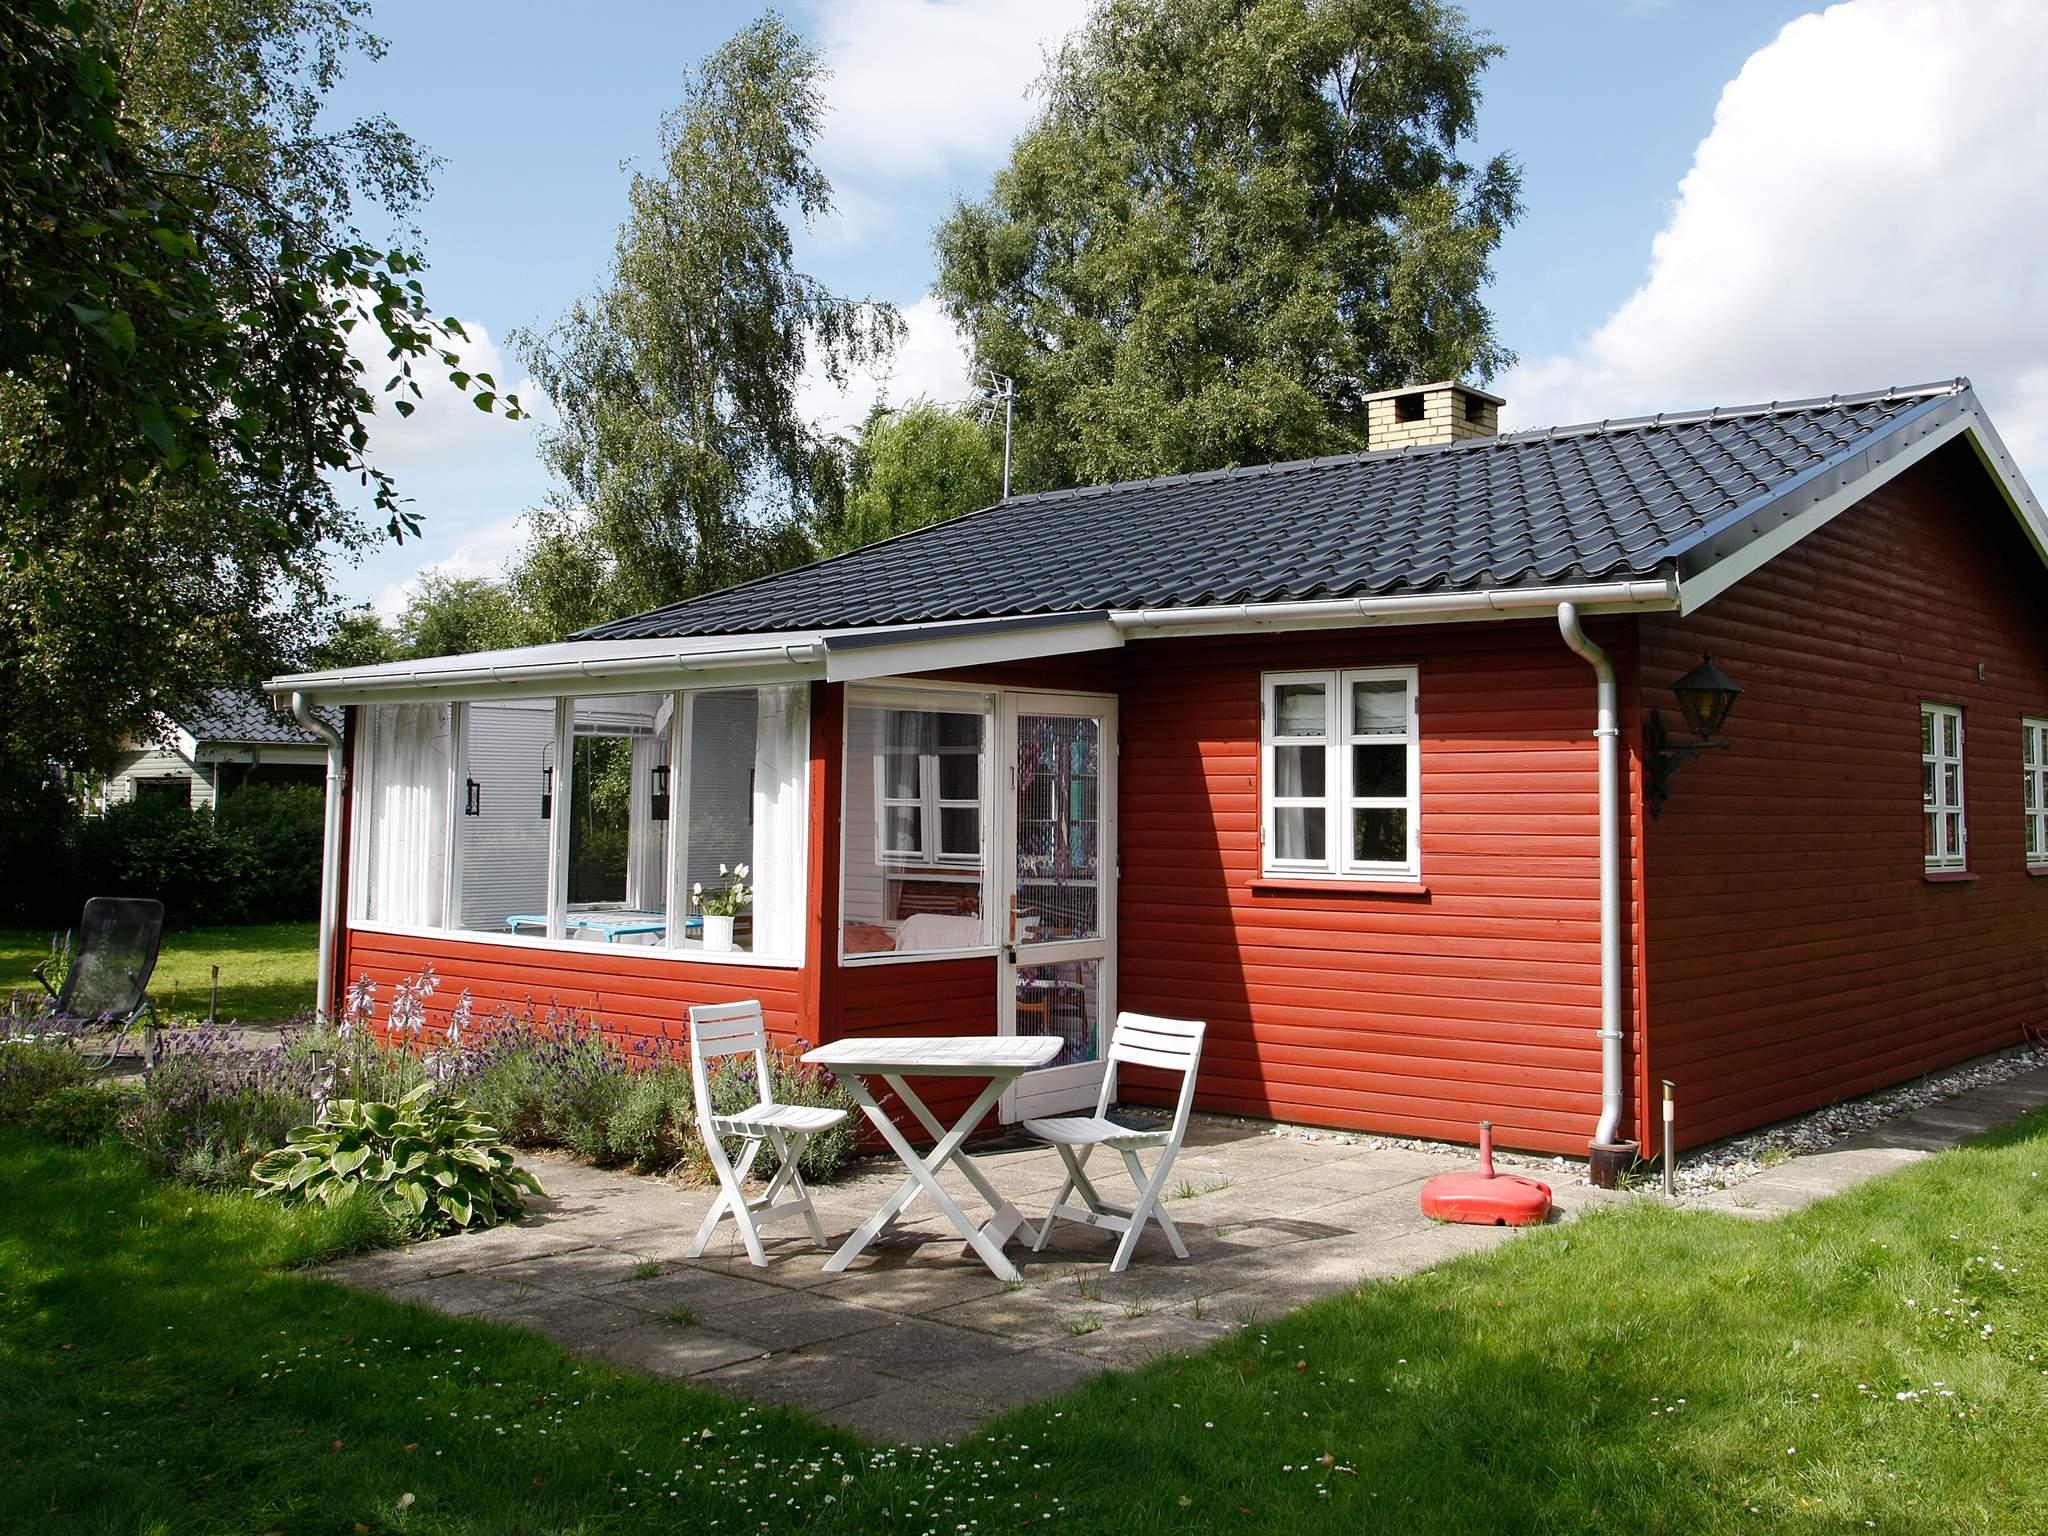 Ferienhaus Hals/Koldkær (332029), Hals, , Nordostjütland, Dänemark, Bild 10